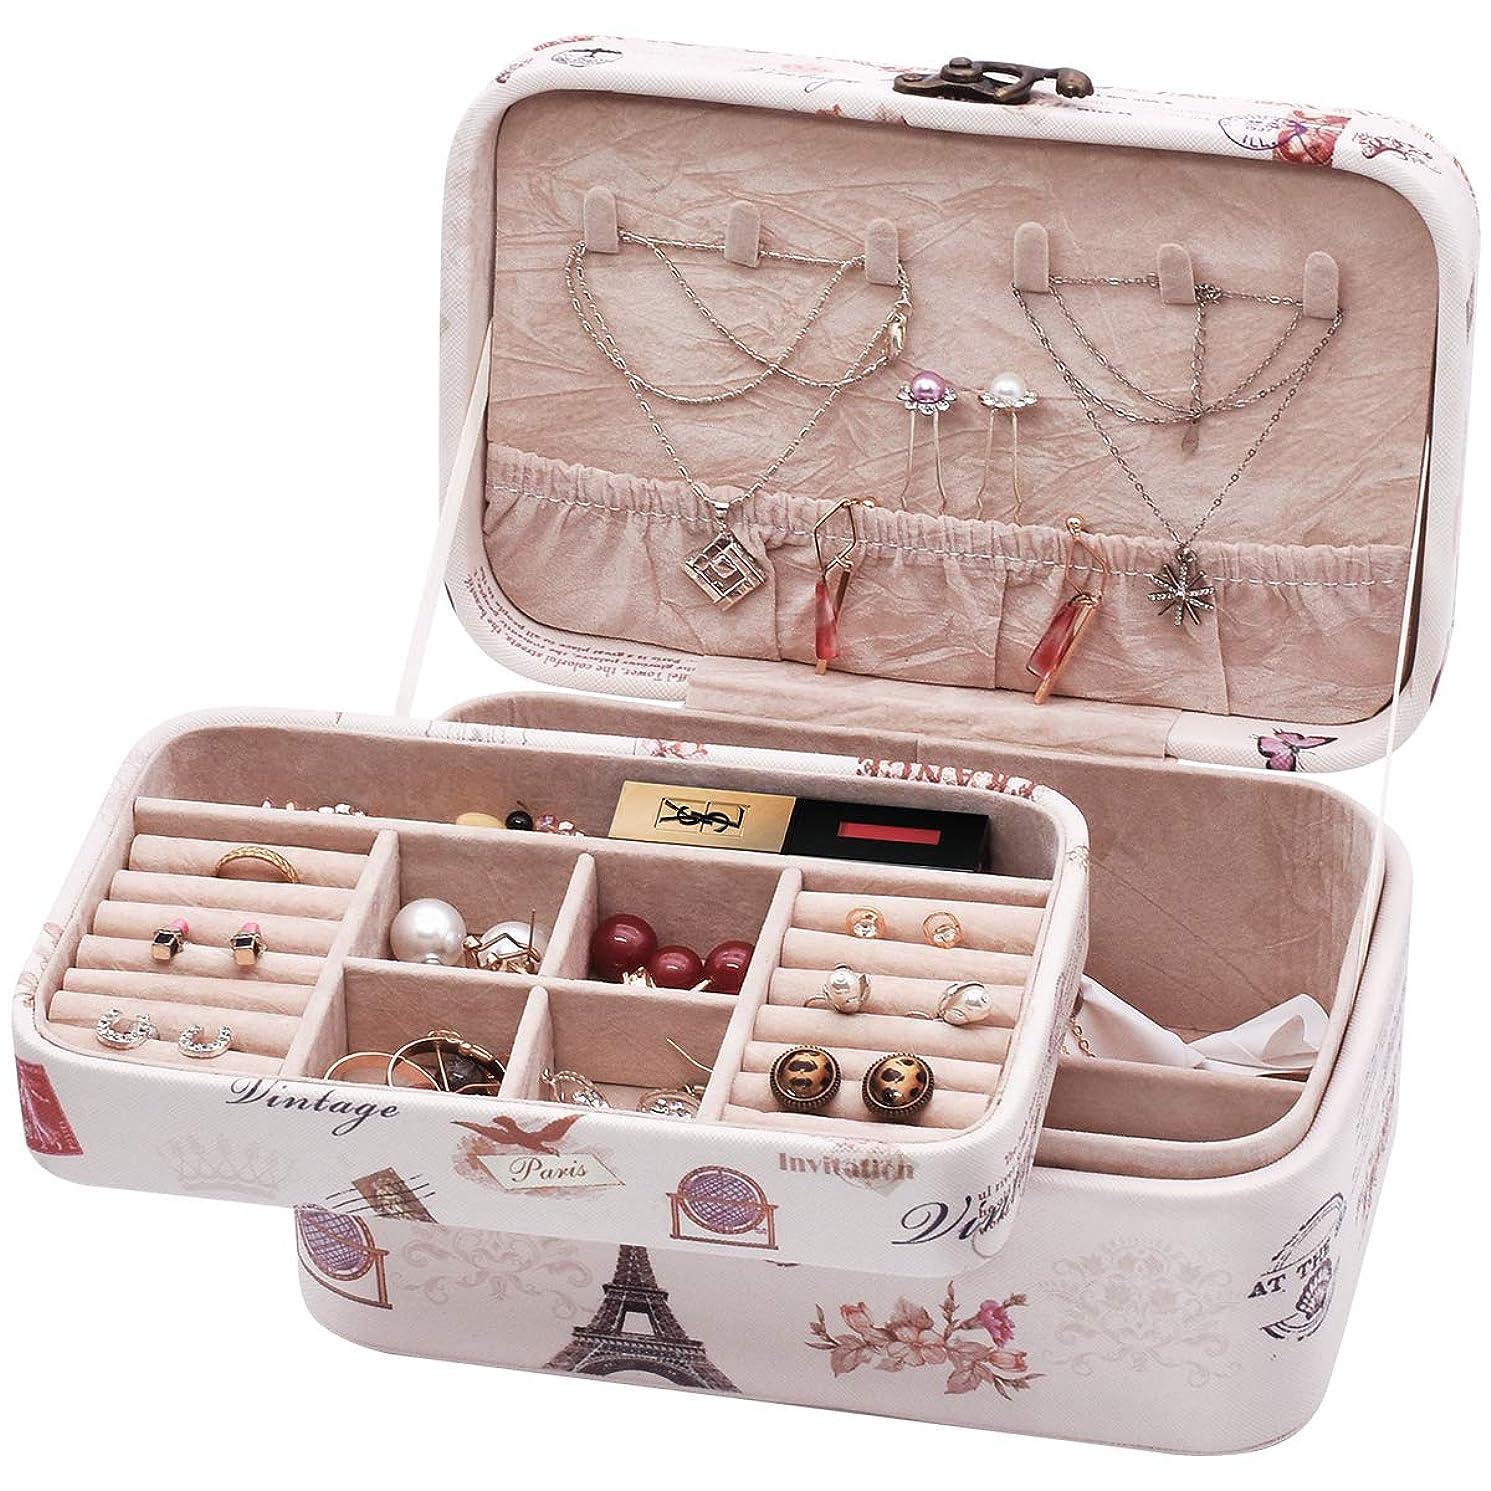 ホームレスオアシスお客様BESONTジュエリーボックス 二層アクセサリーケース 大容量 小物入れ宝石箱 取っ手付き 王女ジュエリーボックス